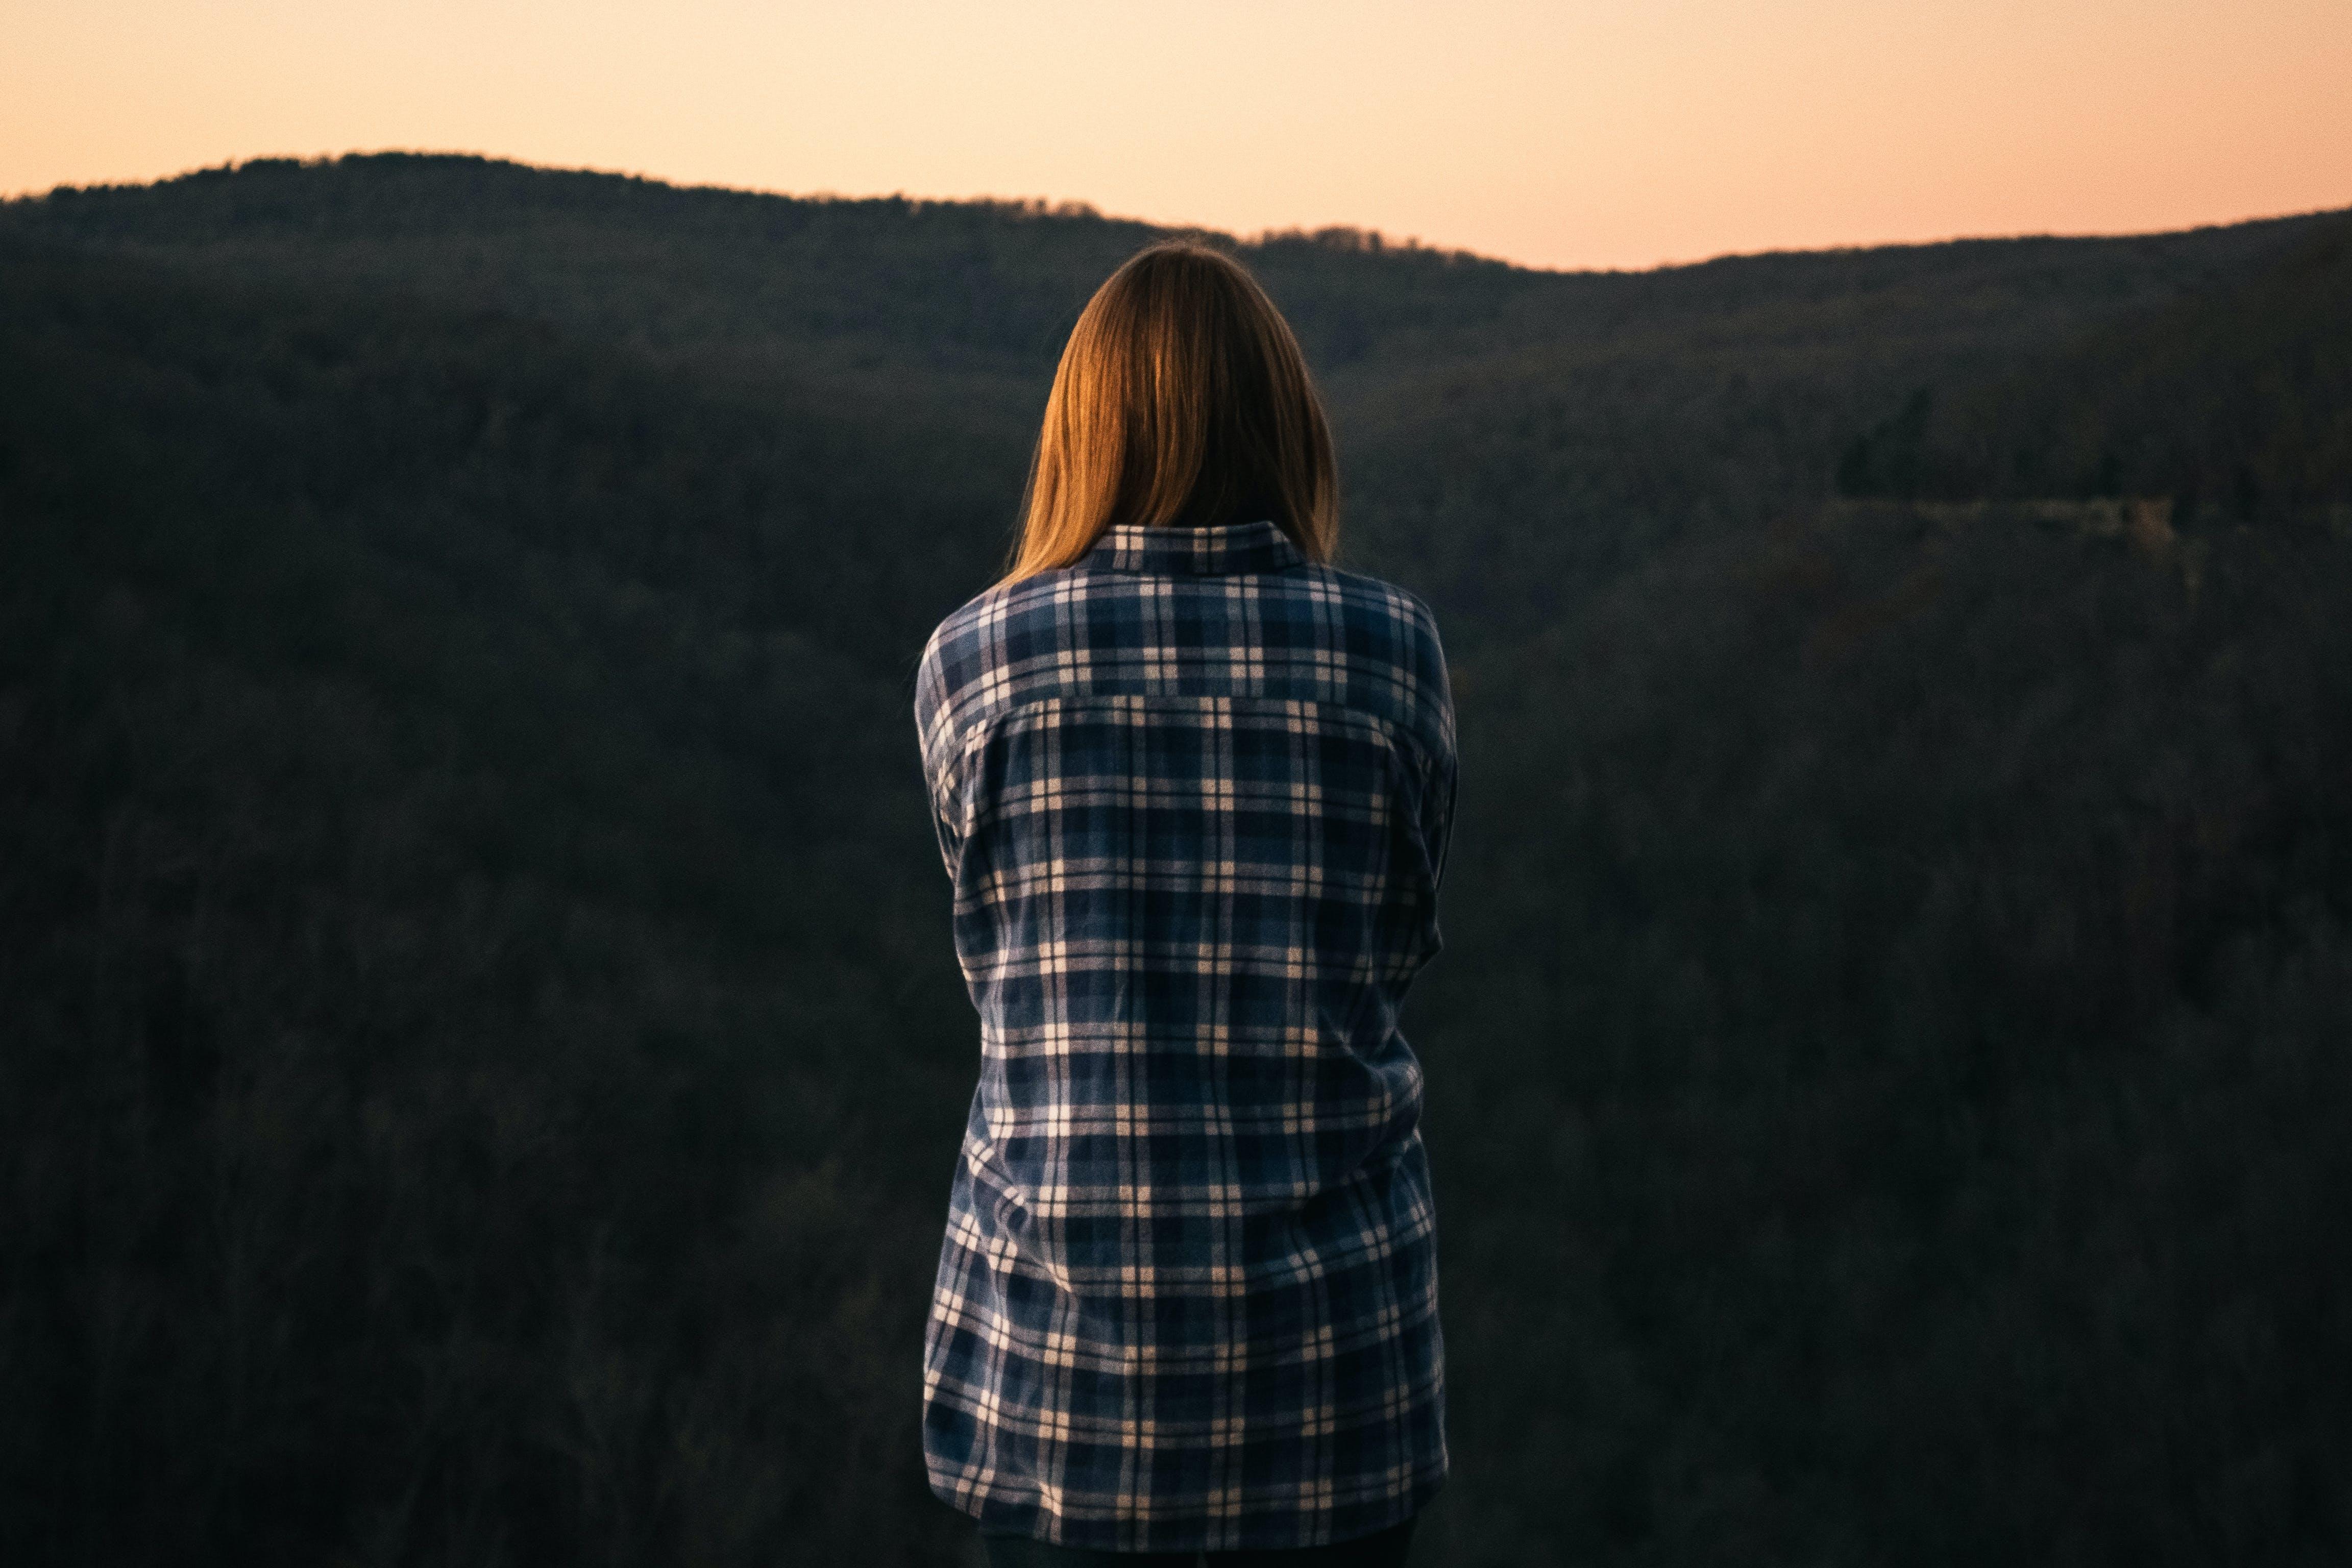 Kostenloses Stock Foto zu abend, bäume, berg, einsamkeit